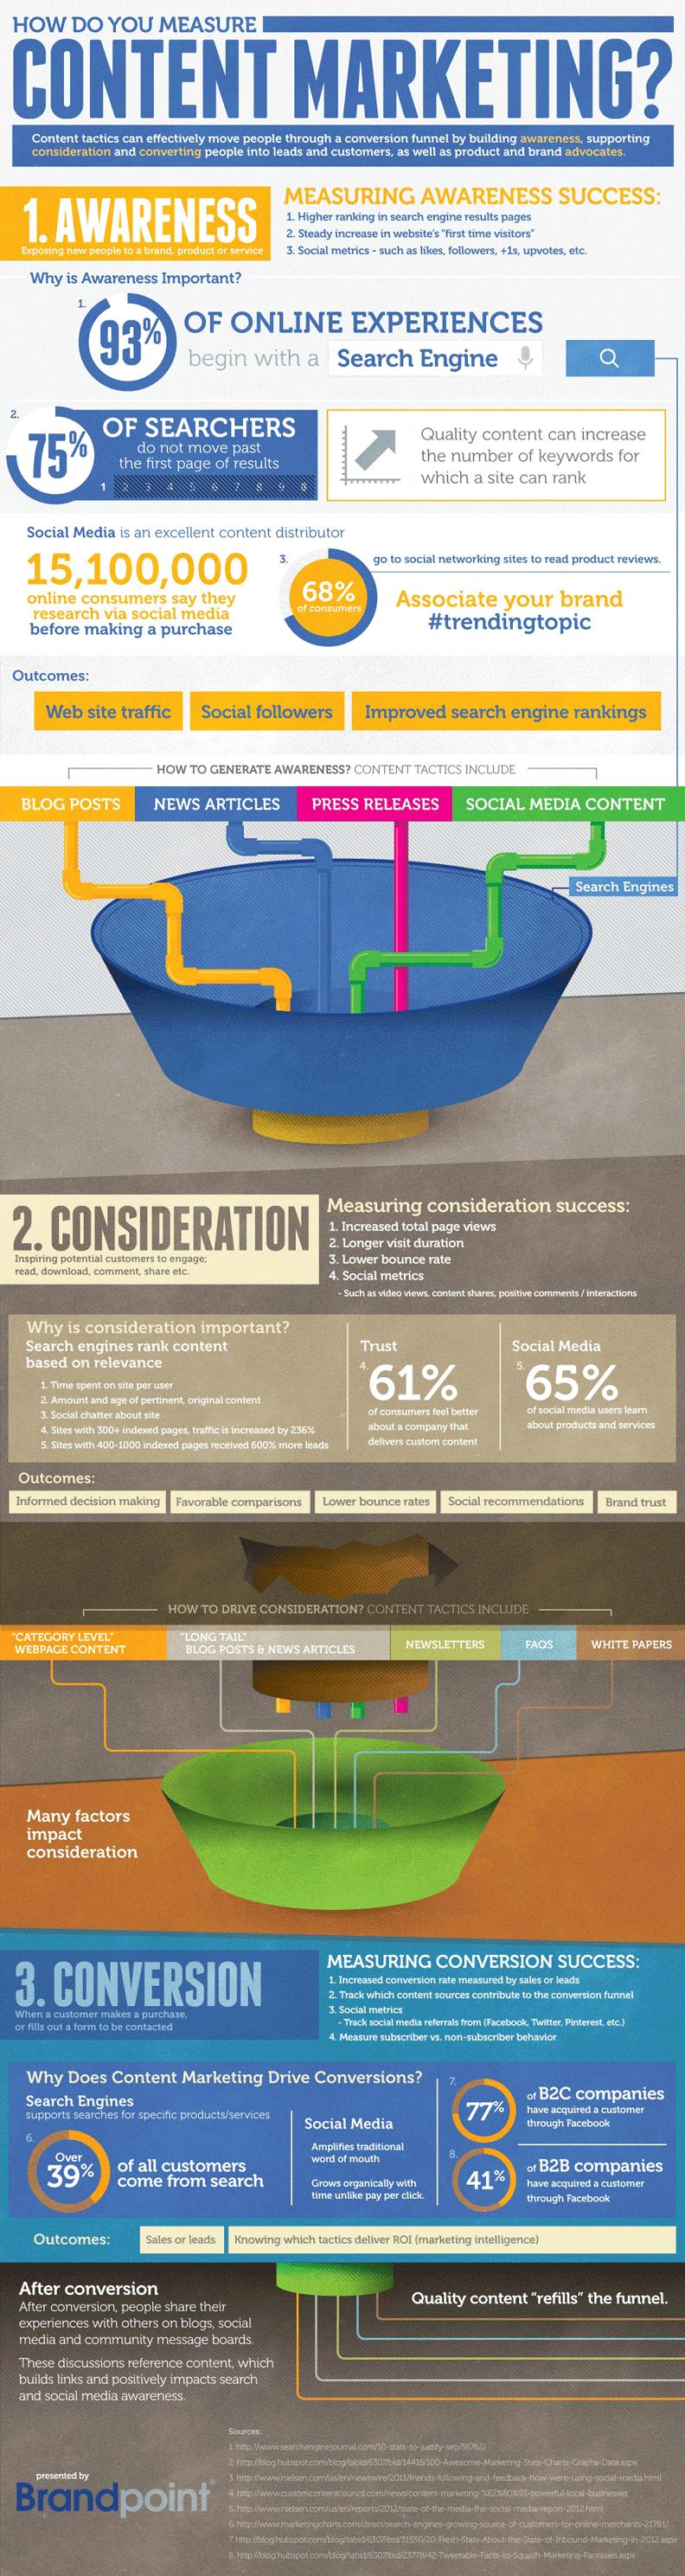 How Do You Measure Content Marketing